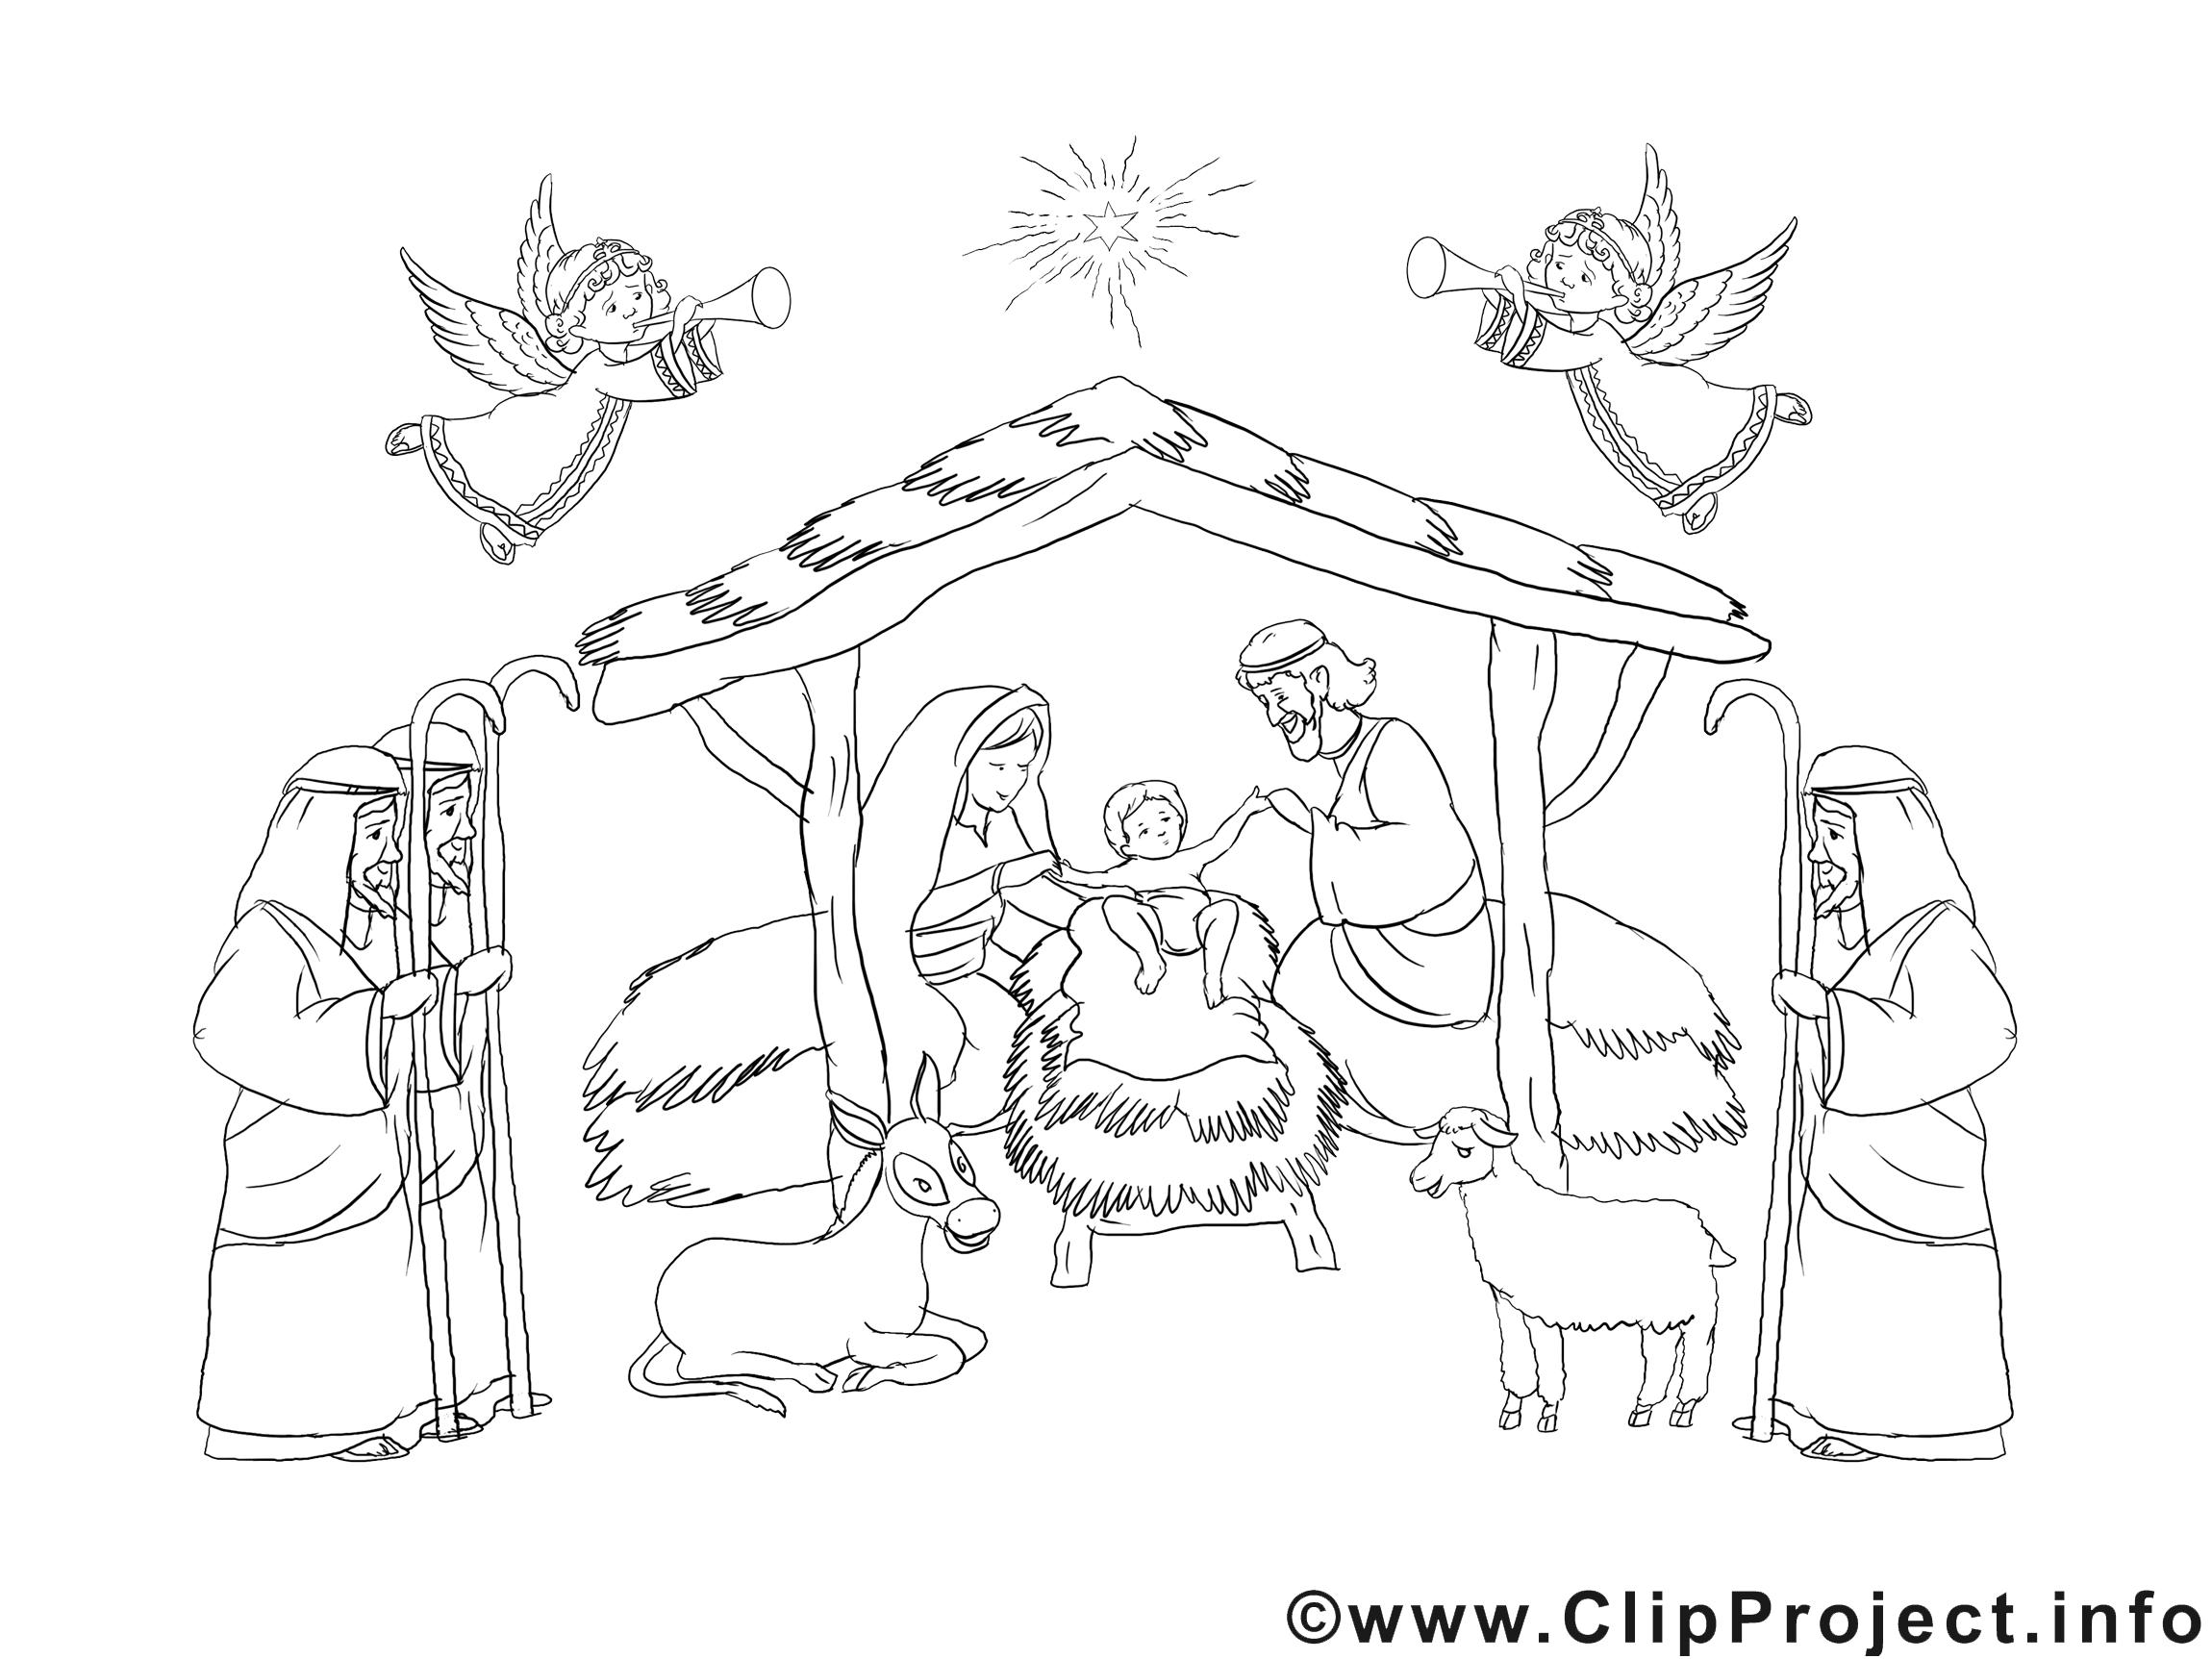 Crêche clipart – Noël dessins à colorier